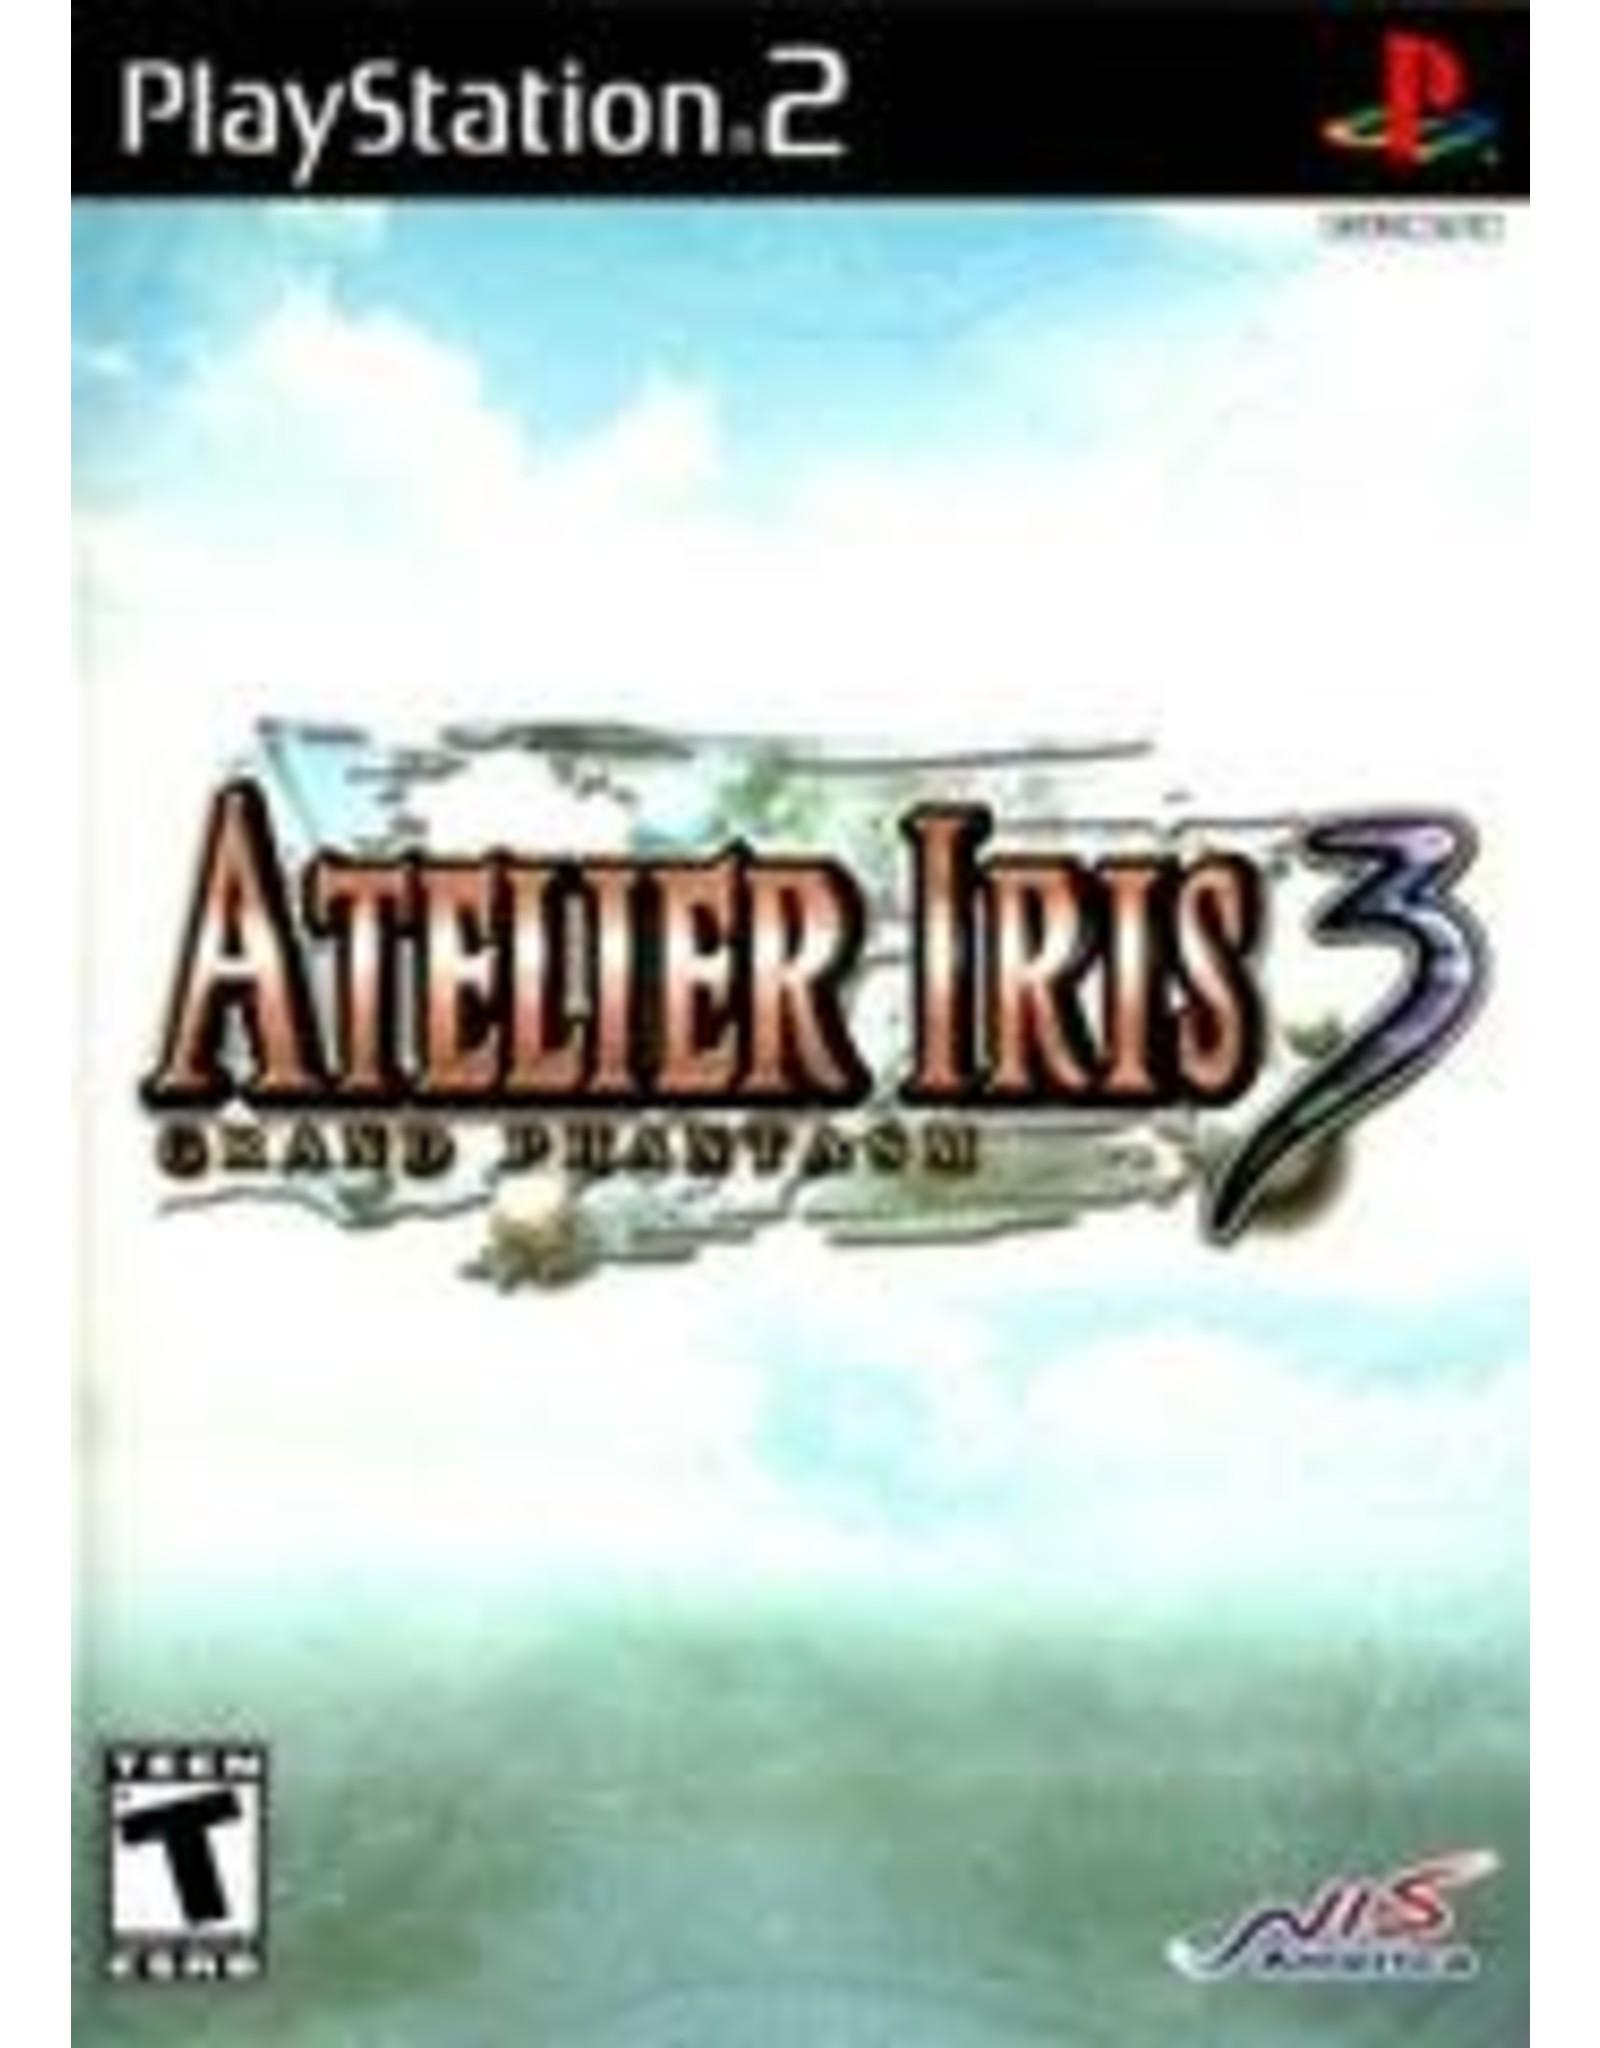 Playstation 2 Atelier Iris 3 Grand Phantasm (CiB)